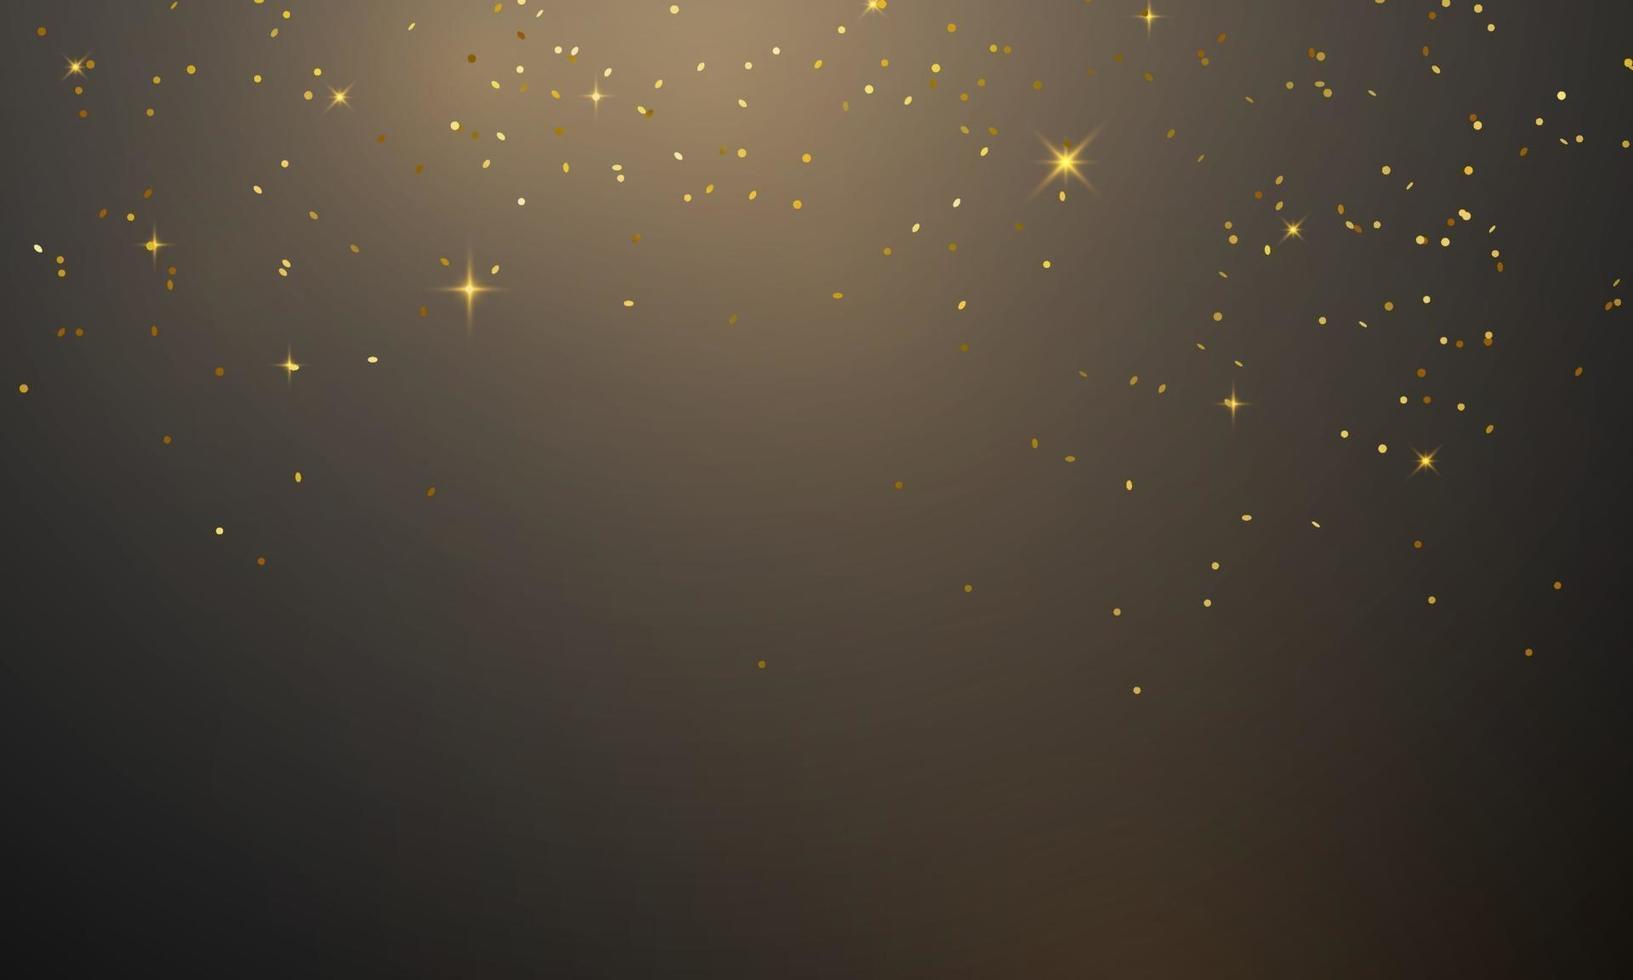 Feliz día de fiesta de plantilla de diseño de concepto de confeti dorado, ilustración de vector de celebración de fondo.